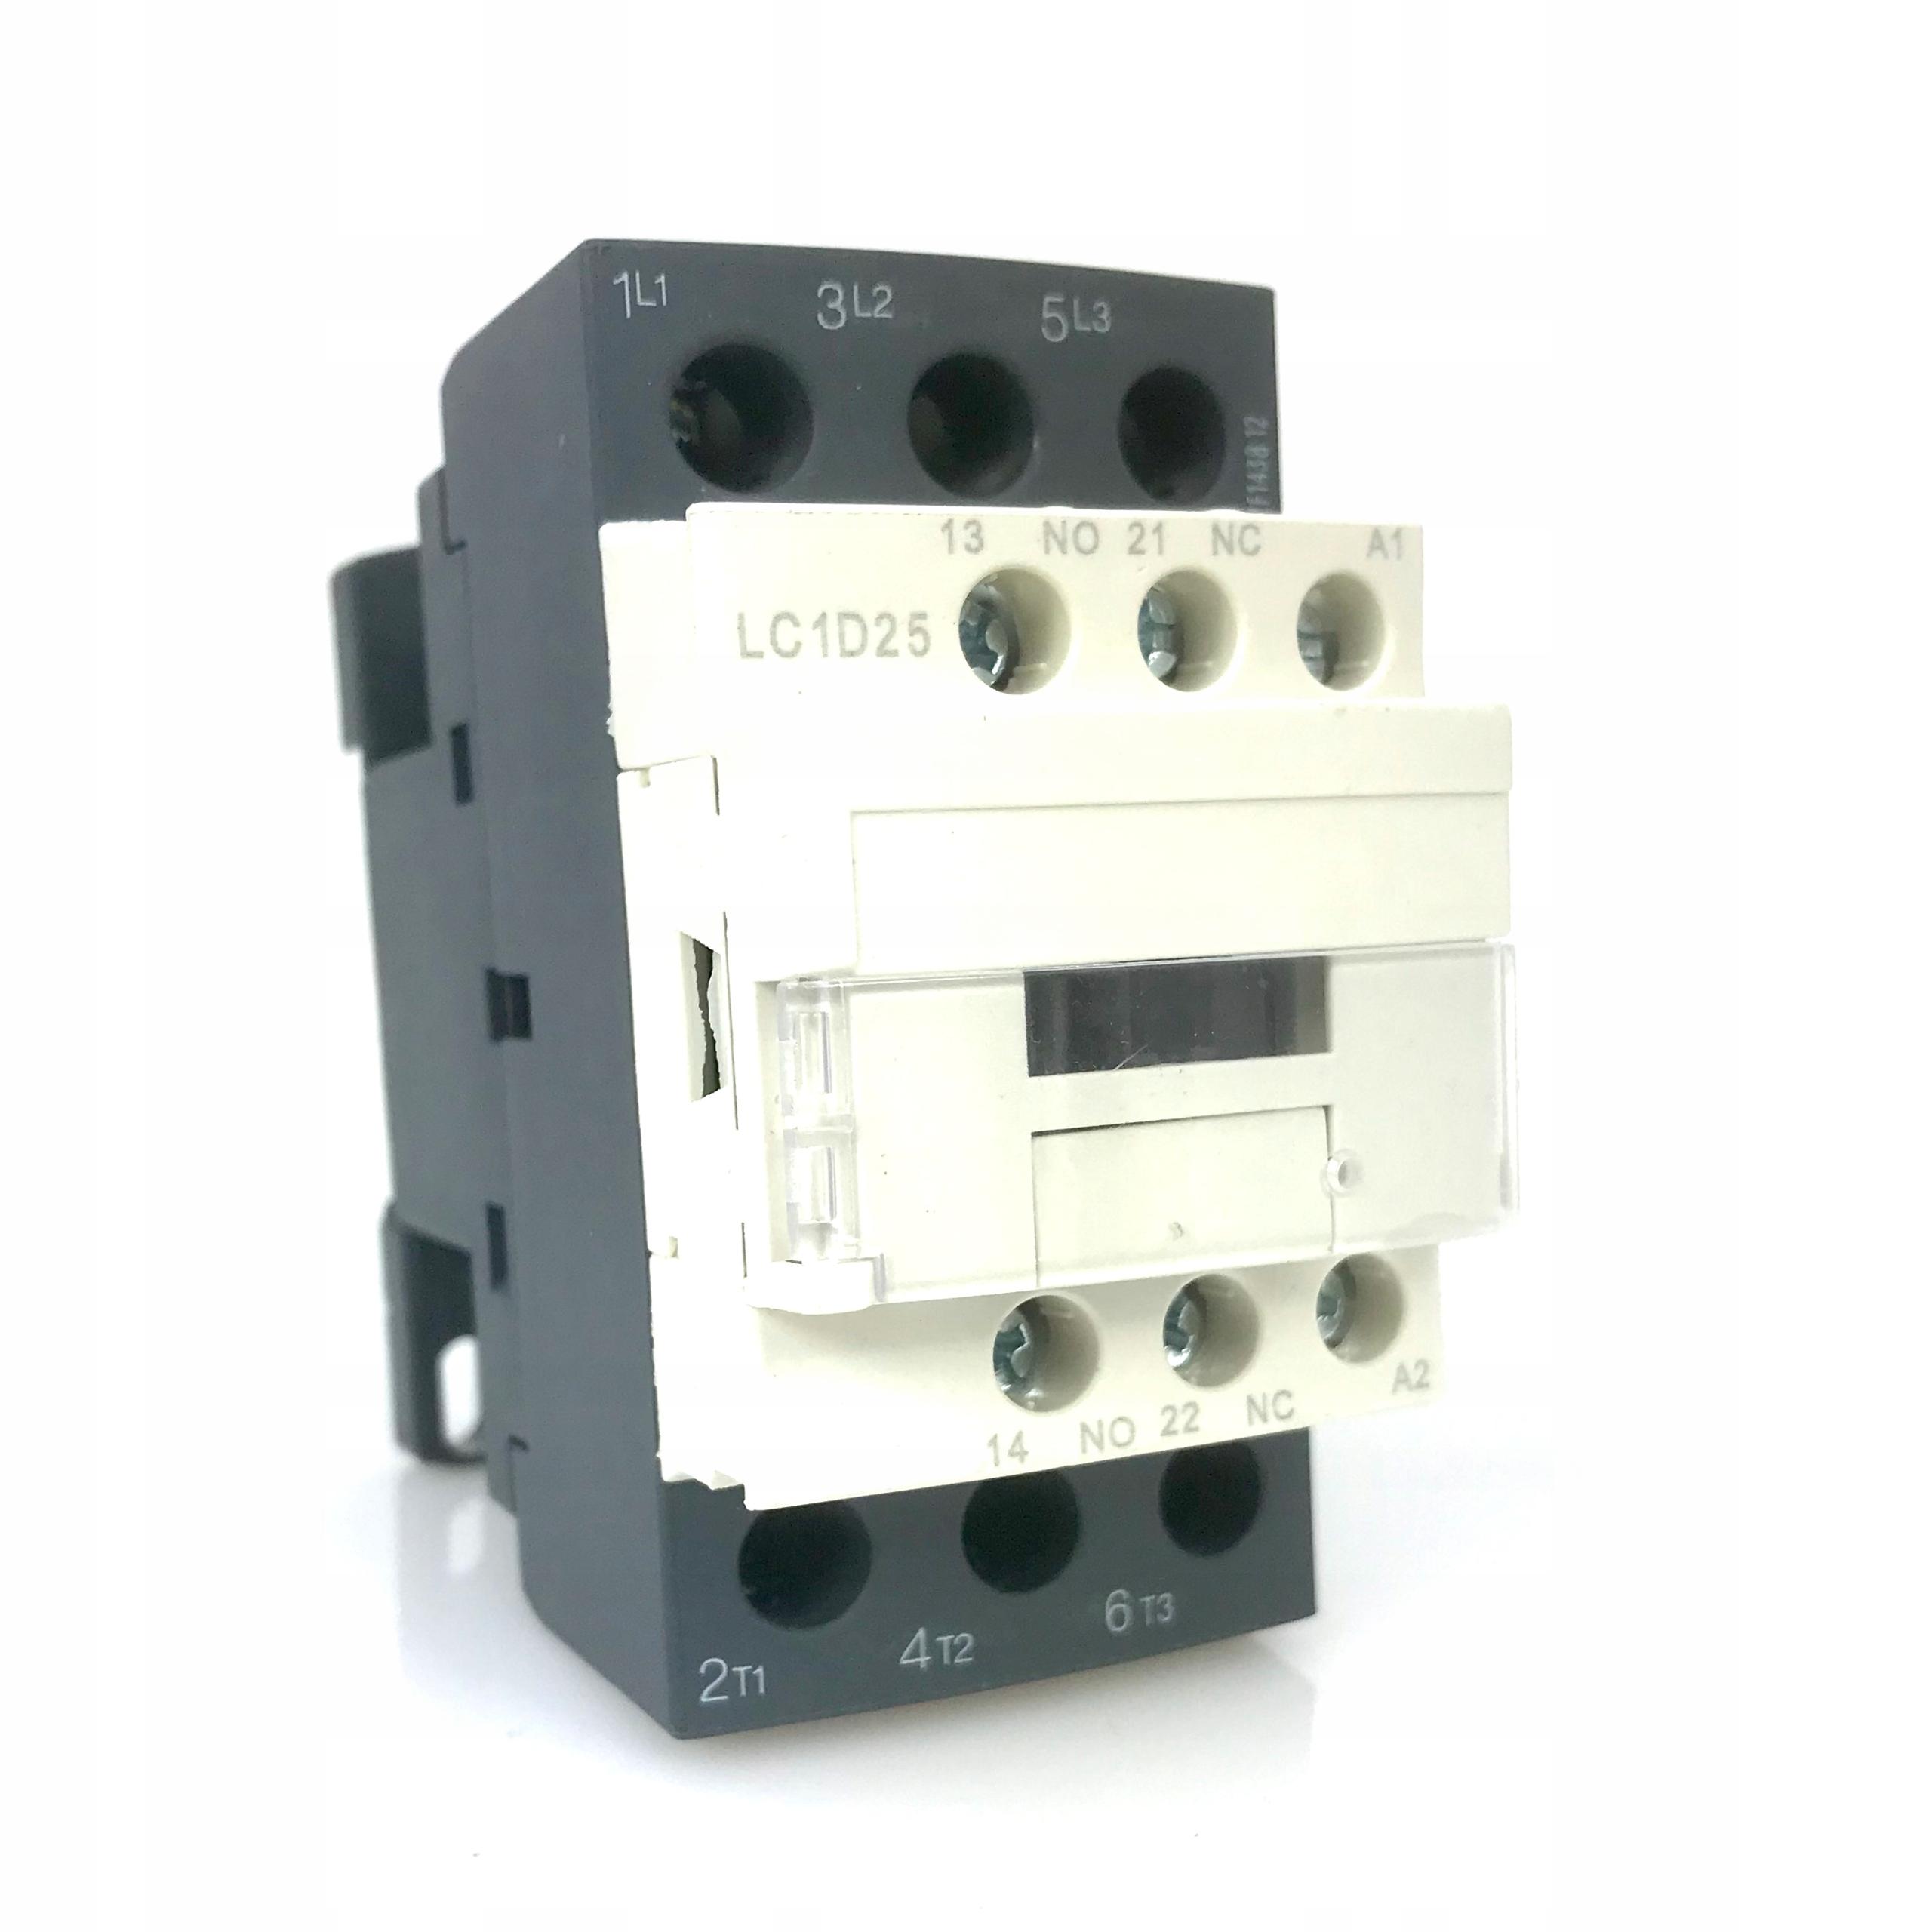 Stycznik mocy 25A 11kW cewka 230VAC przekaźnik